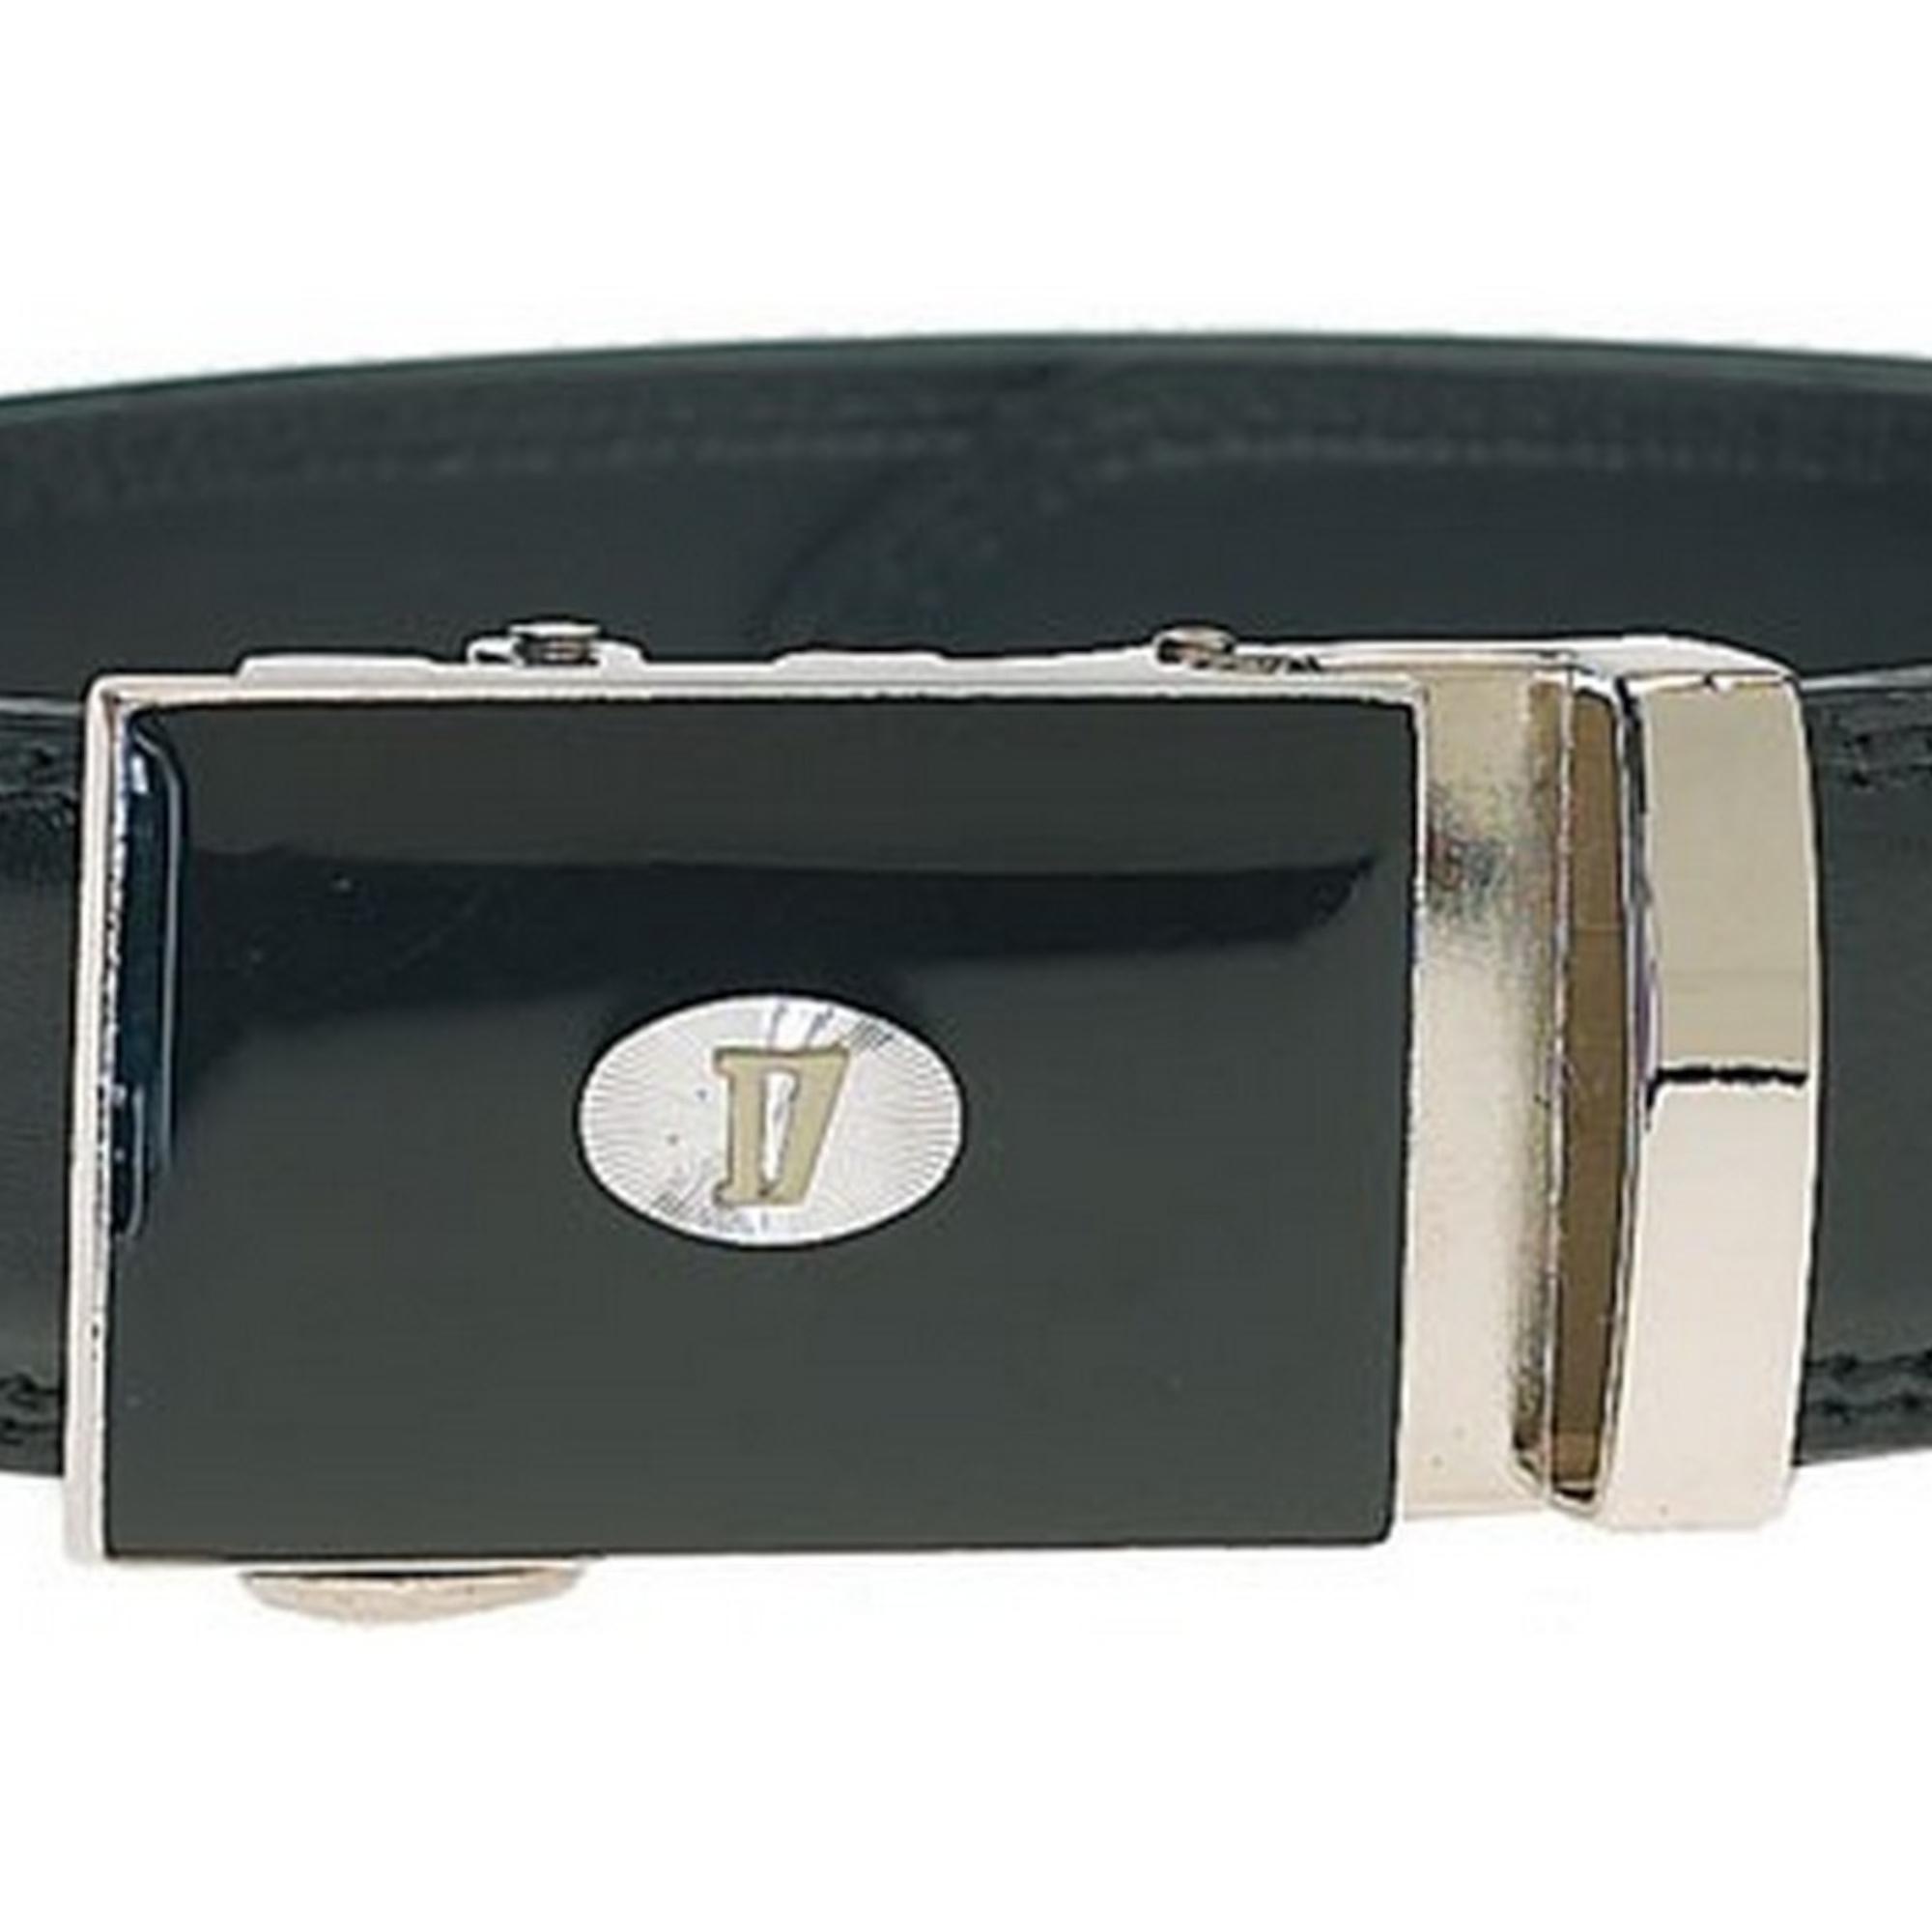 DC118 Duke Mens Lucas D555 Bonded Leather Automatic Buckle Belt